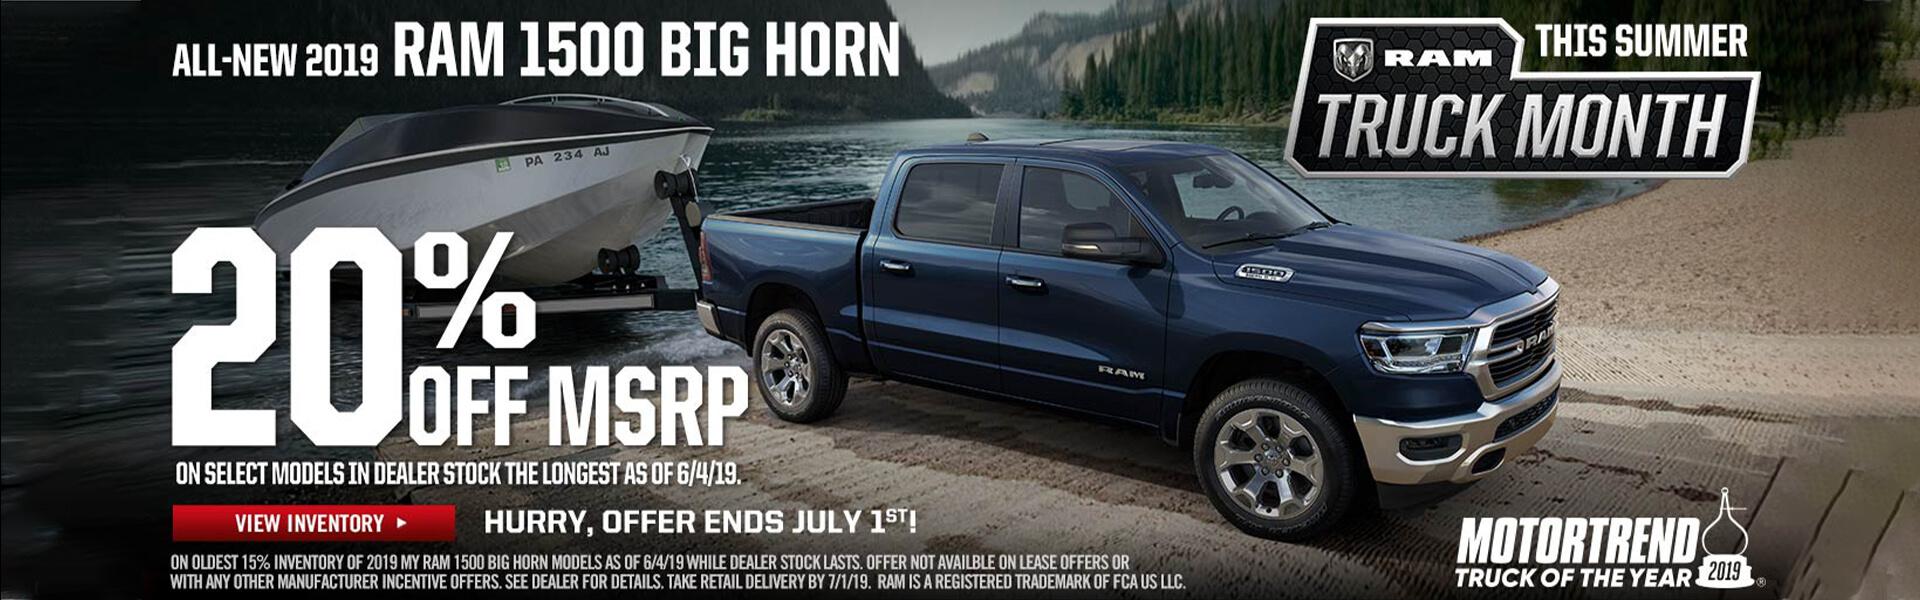 RAM 1500 Big Horn